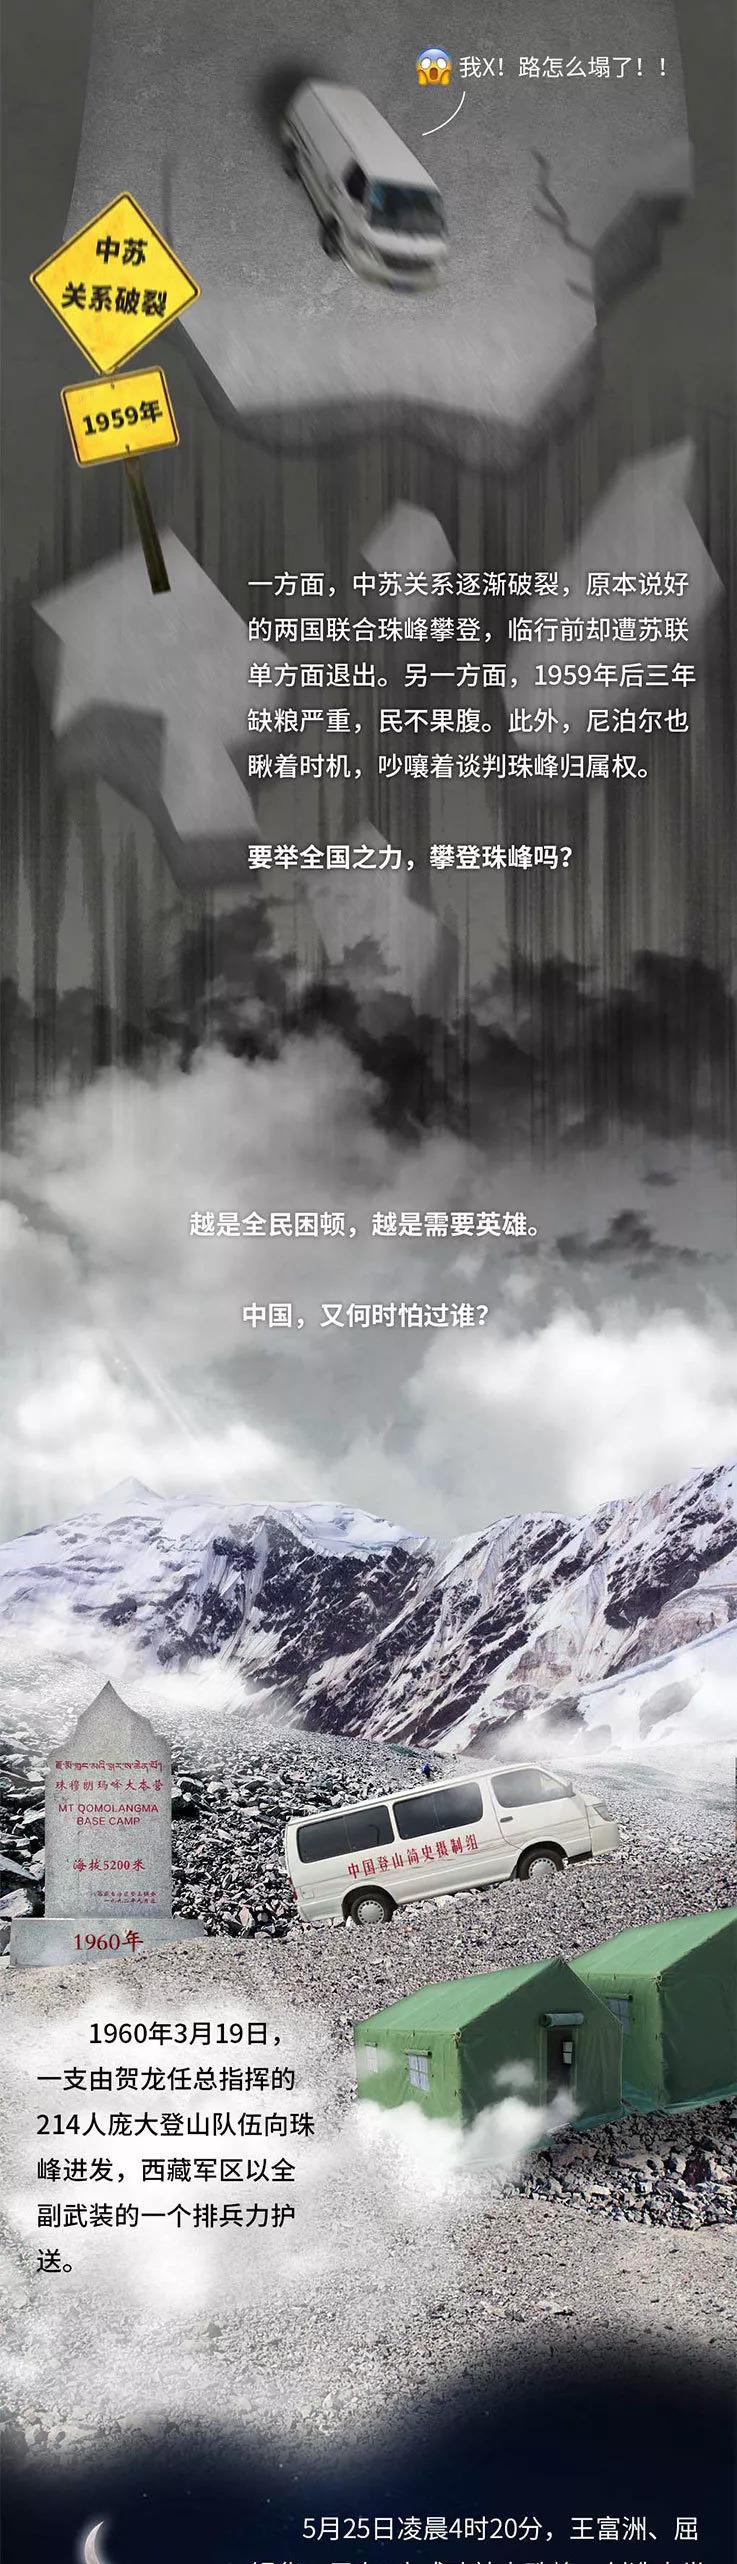 永利娱乐官方网址 4